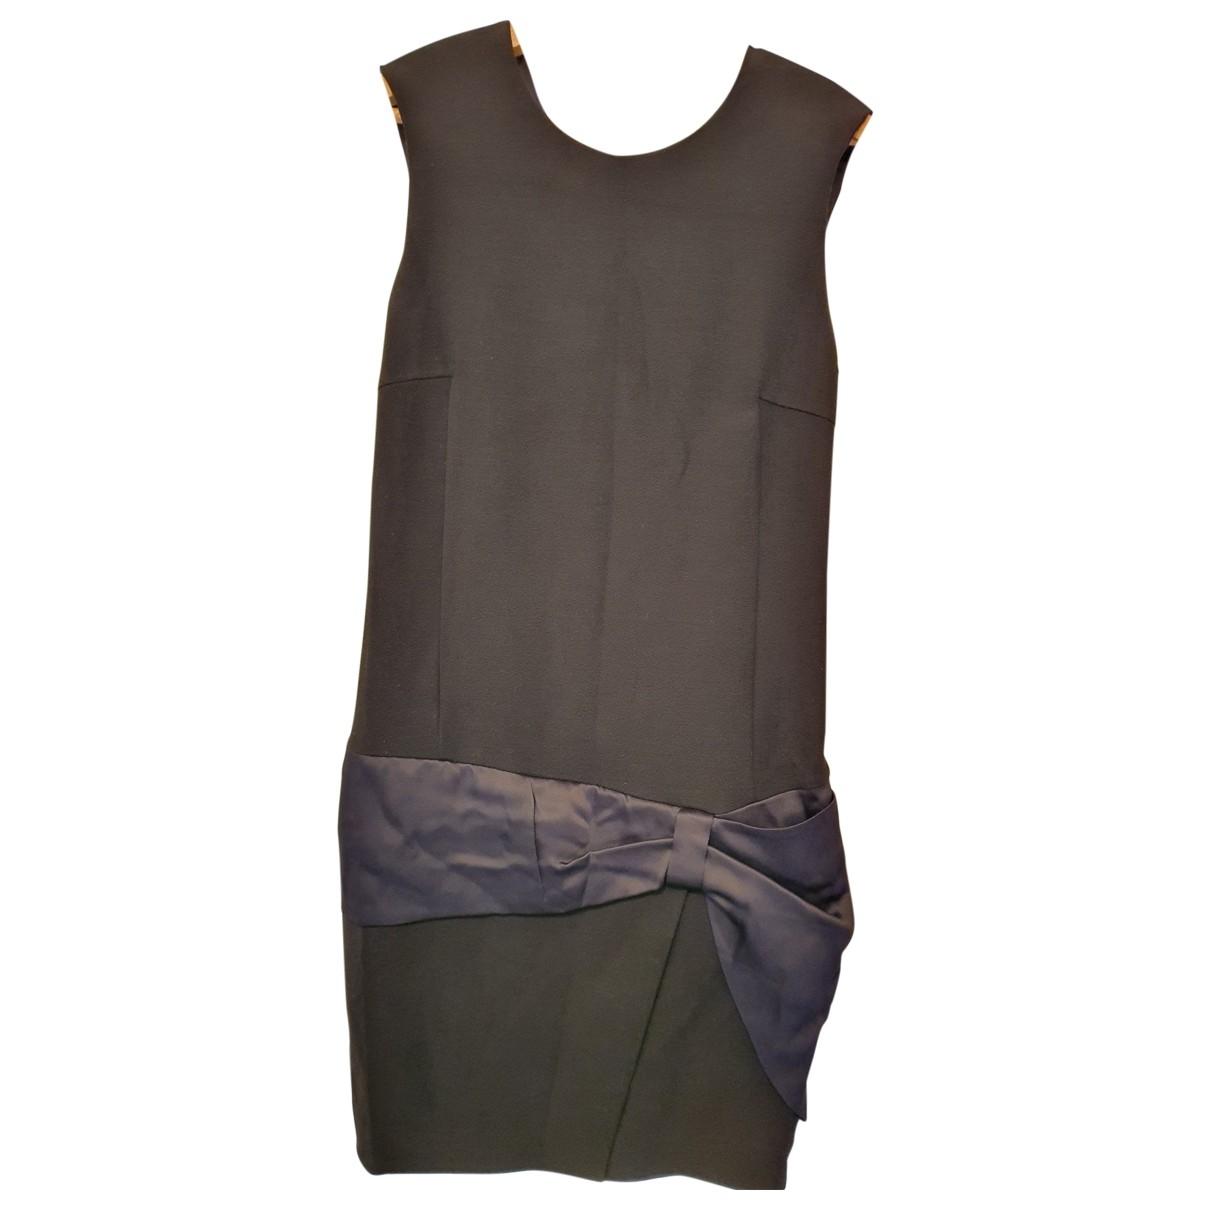 Ikks \N Black dress for Women 34 FR